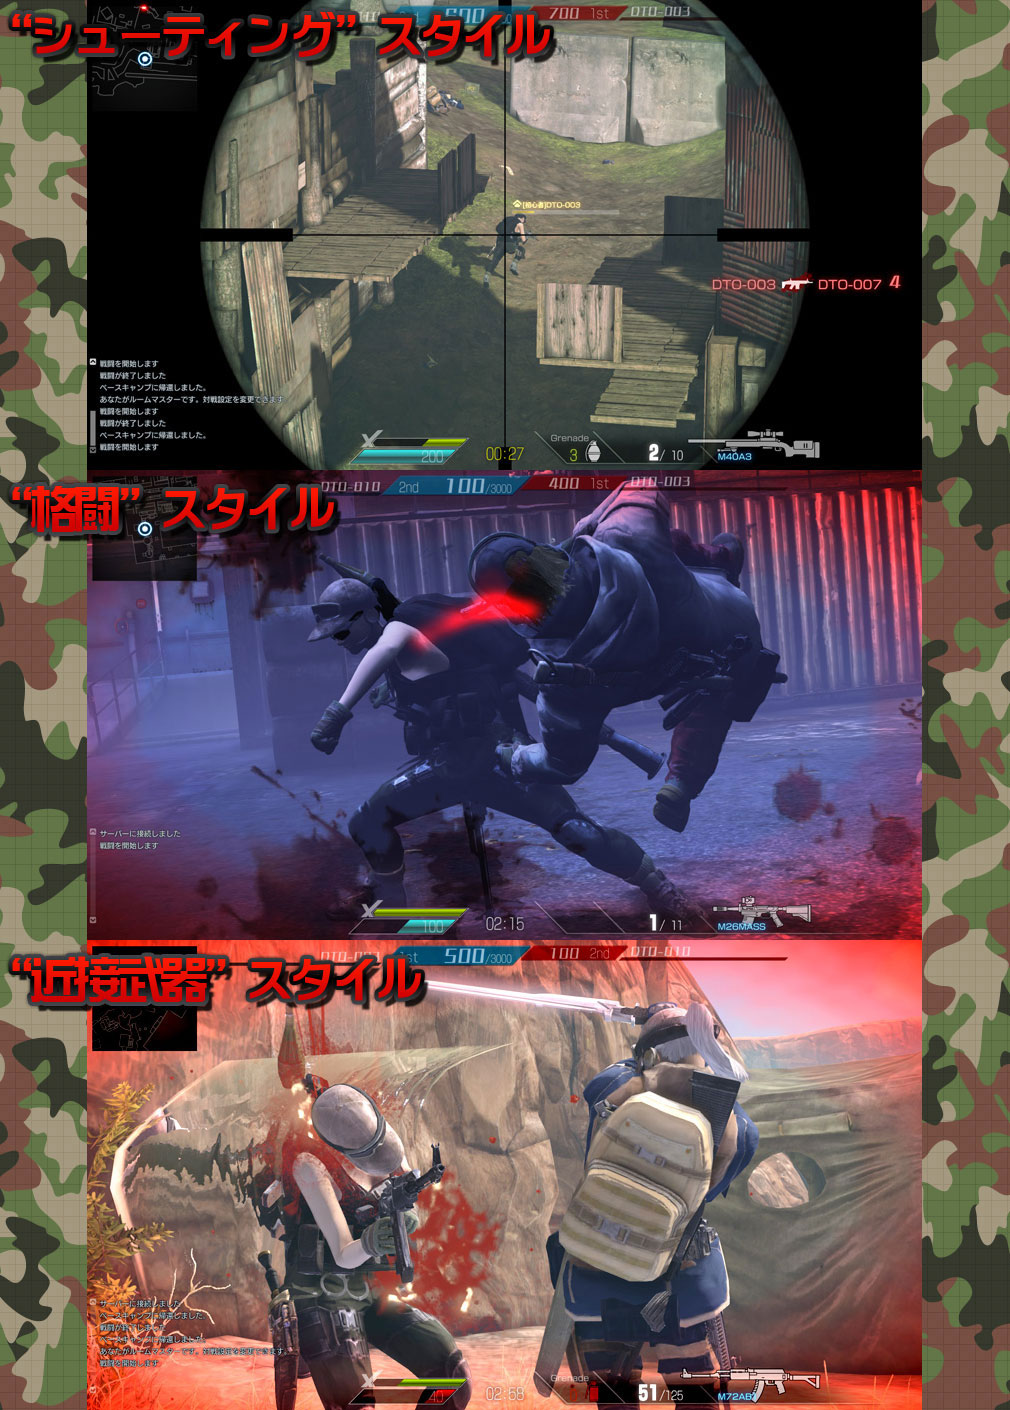 DTO(DEVILS THIRD ONLINE デビルズサードオンライン) シューティングスタイル、格闘スタイル、近接武器スタイル